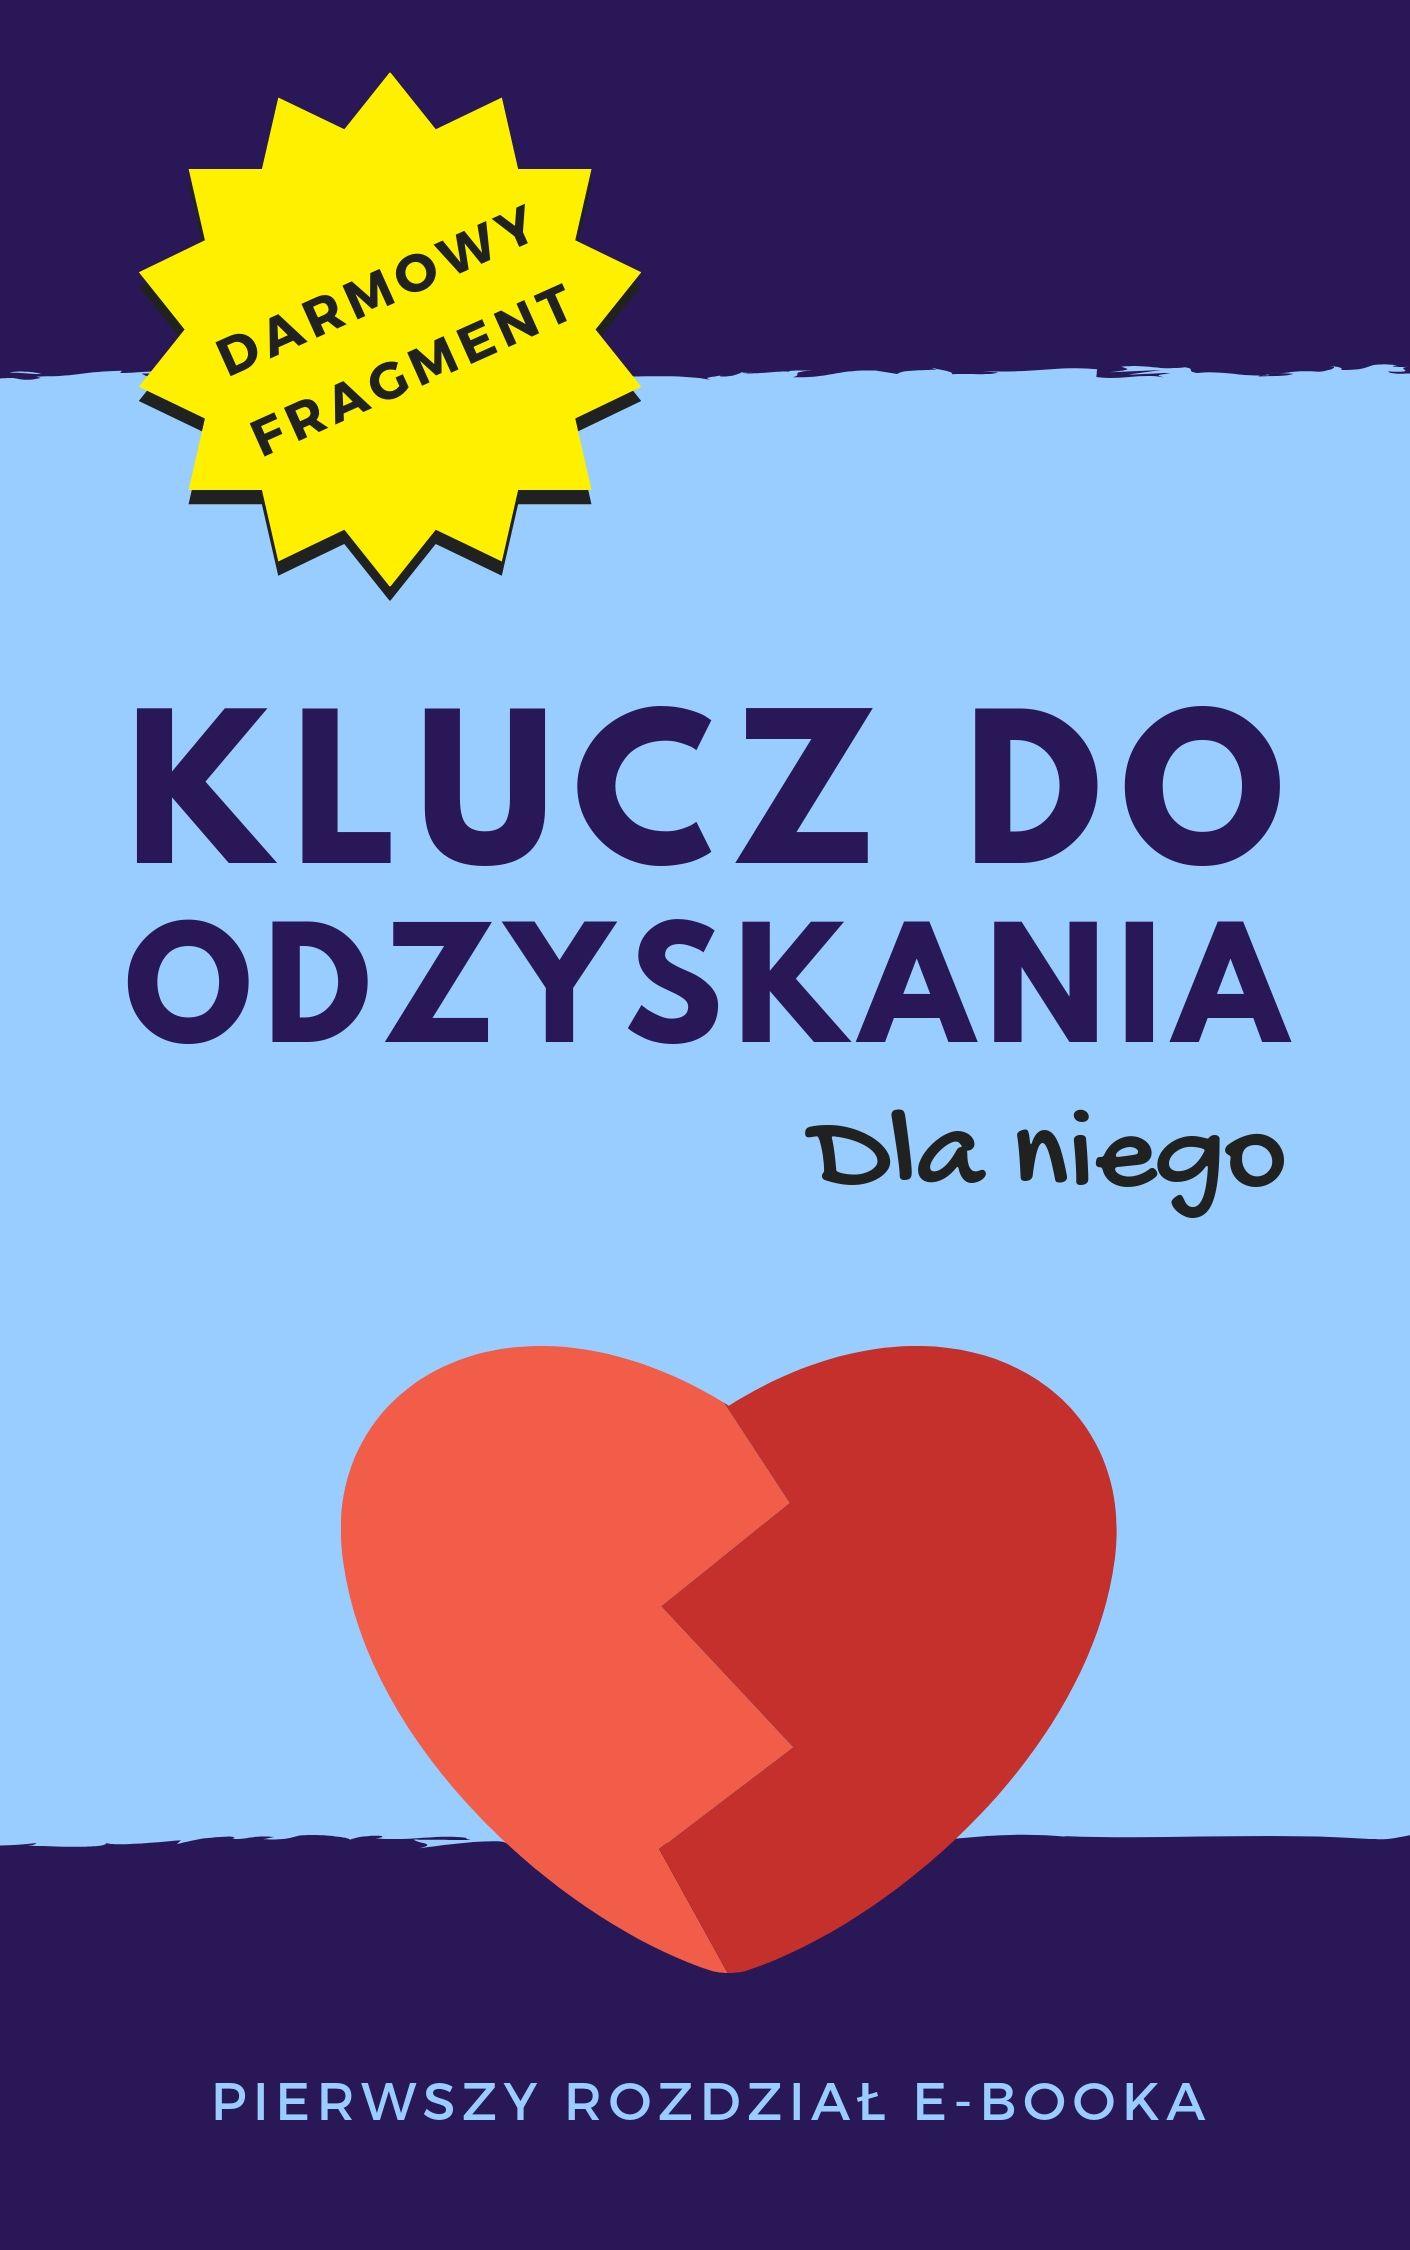 estratto klucz dla niej inarticle